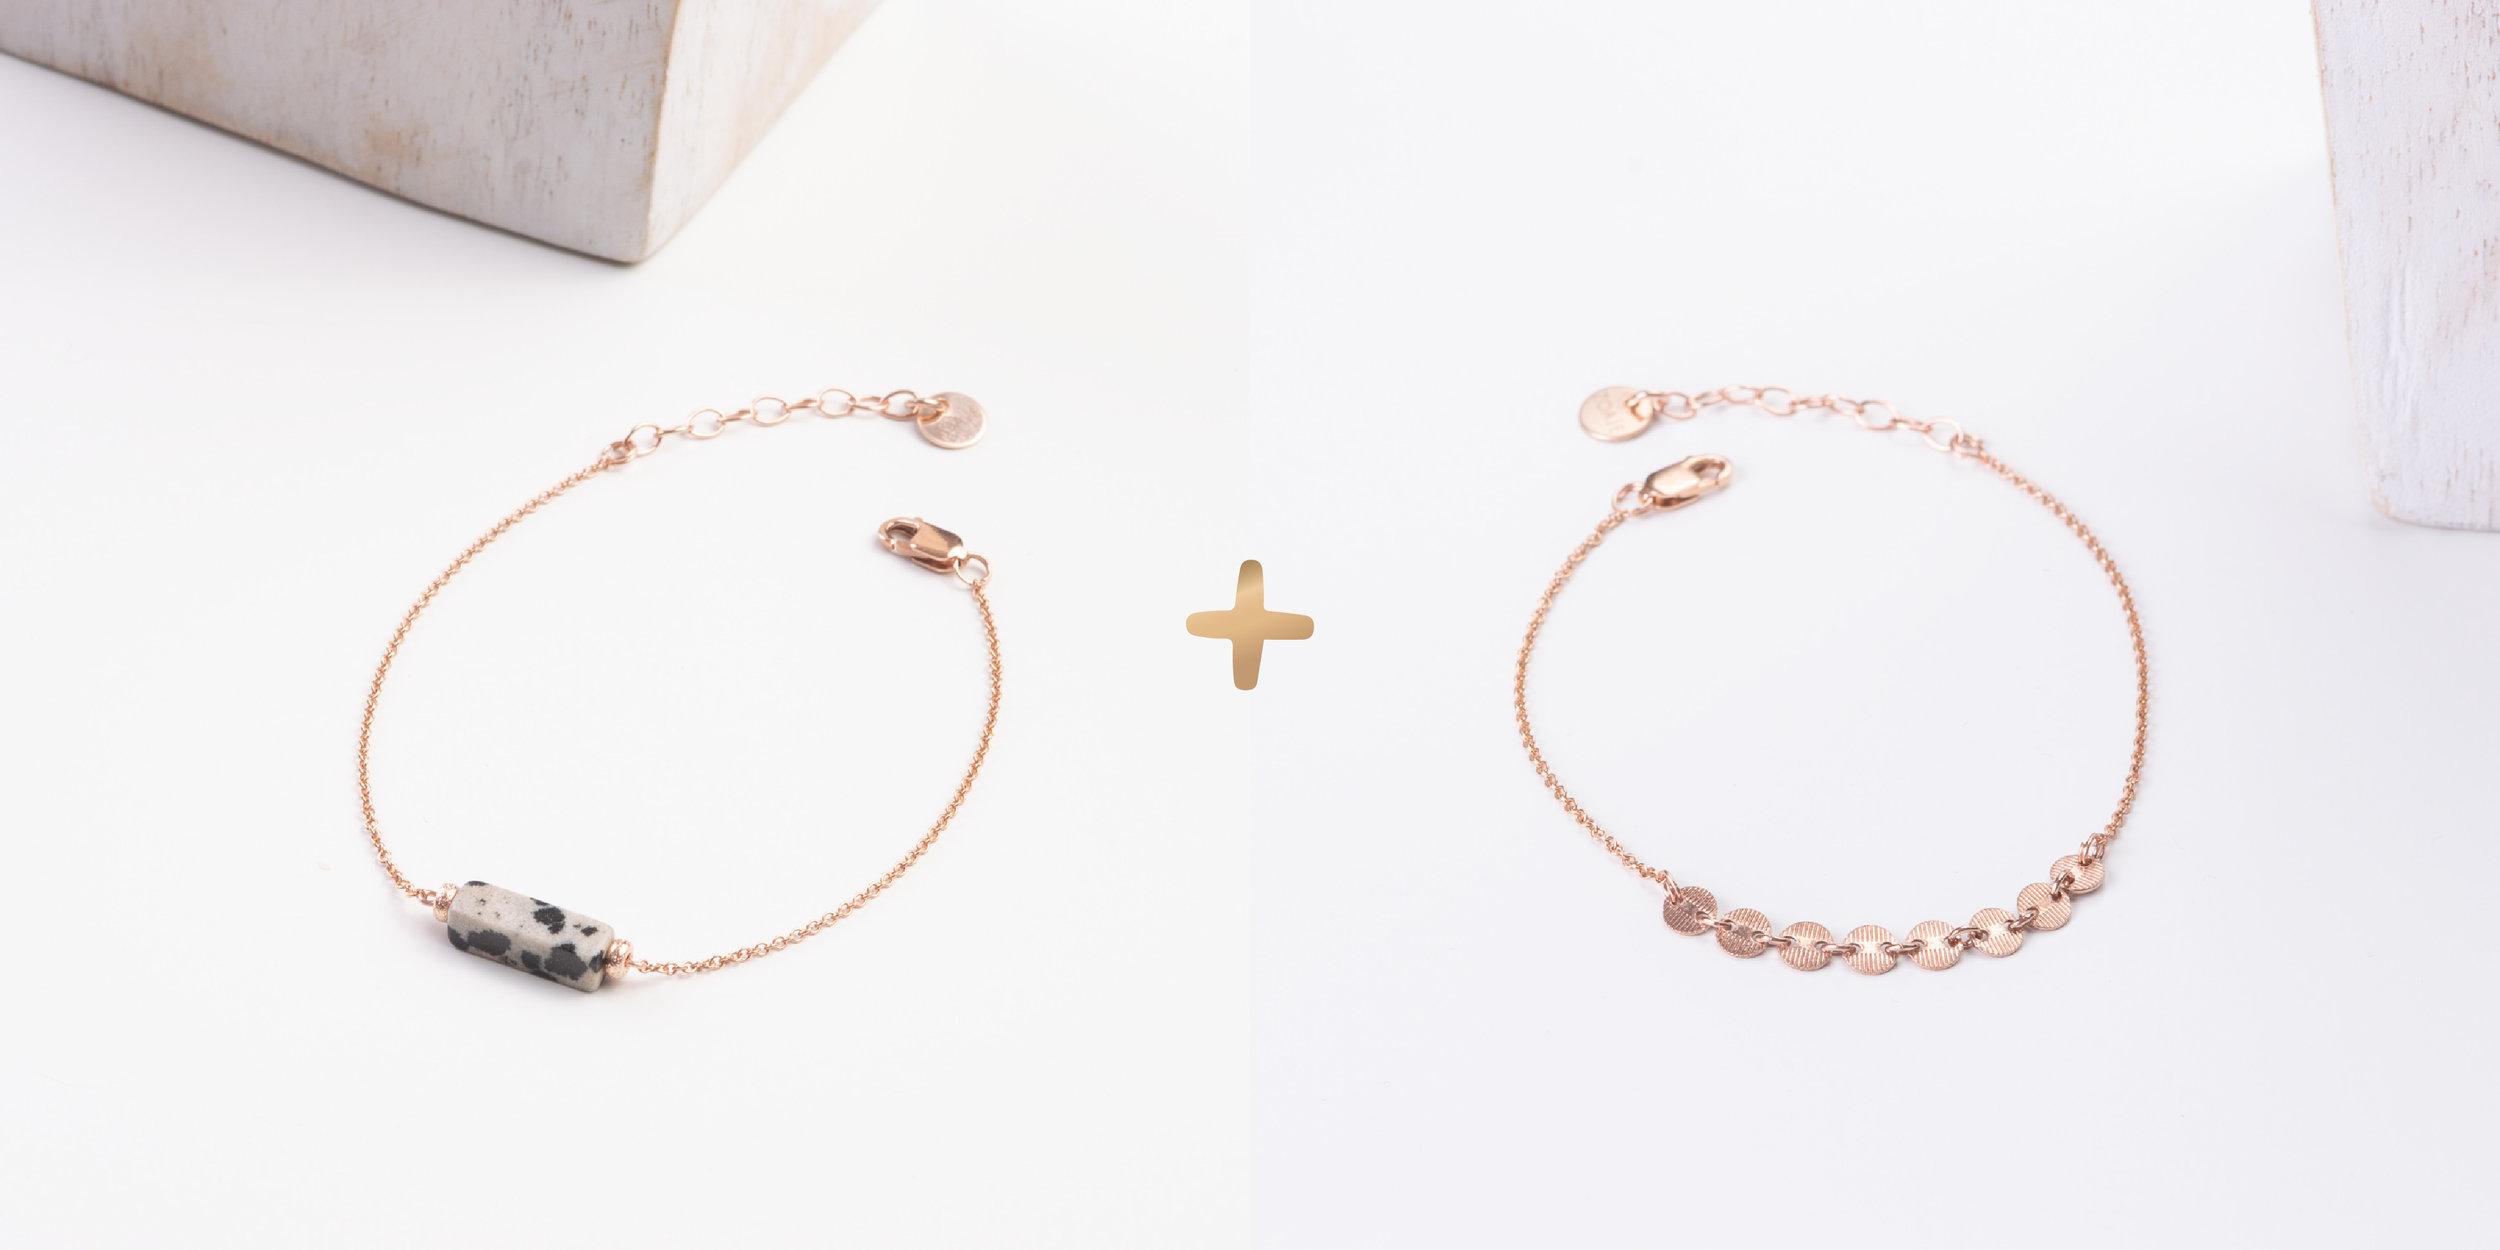 braceletsArtboard 1@3x-100.jpg